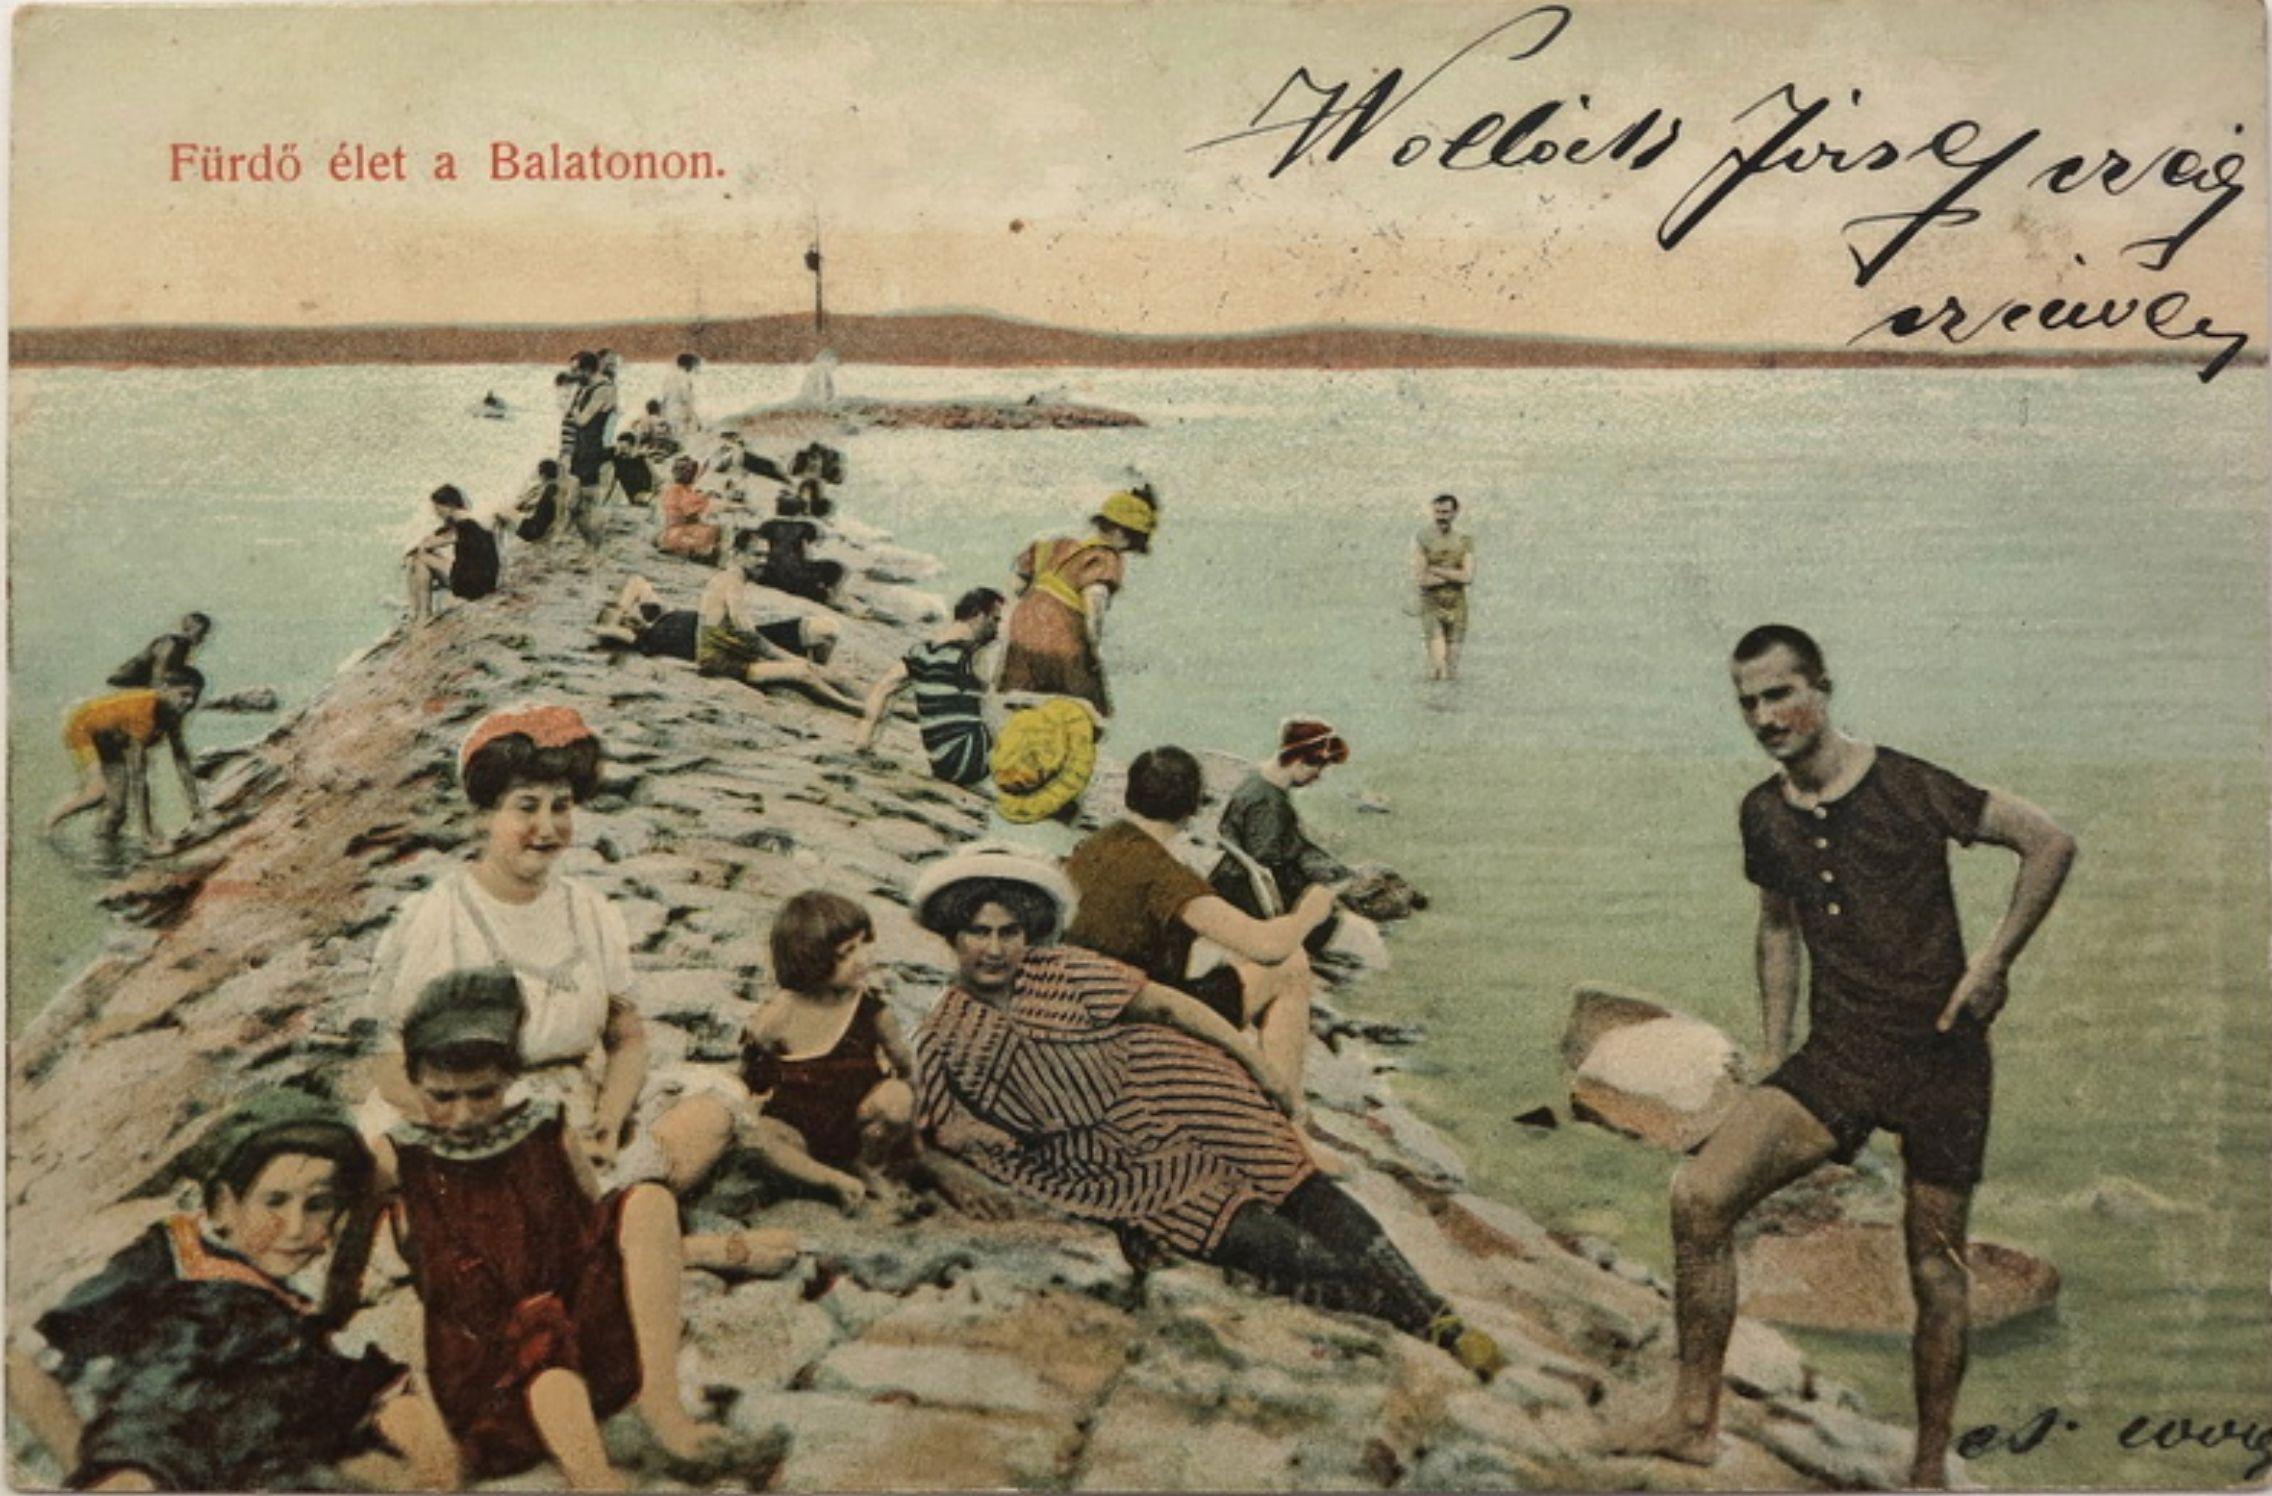 Balatoni nyaralás az 1900-as évek elején